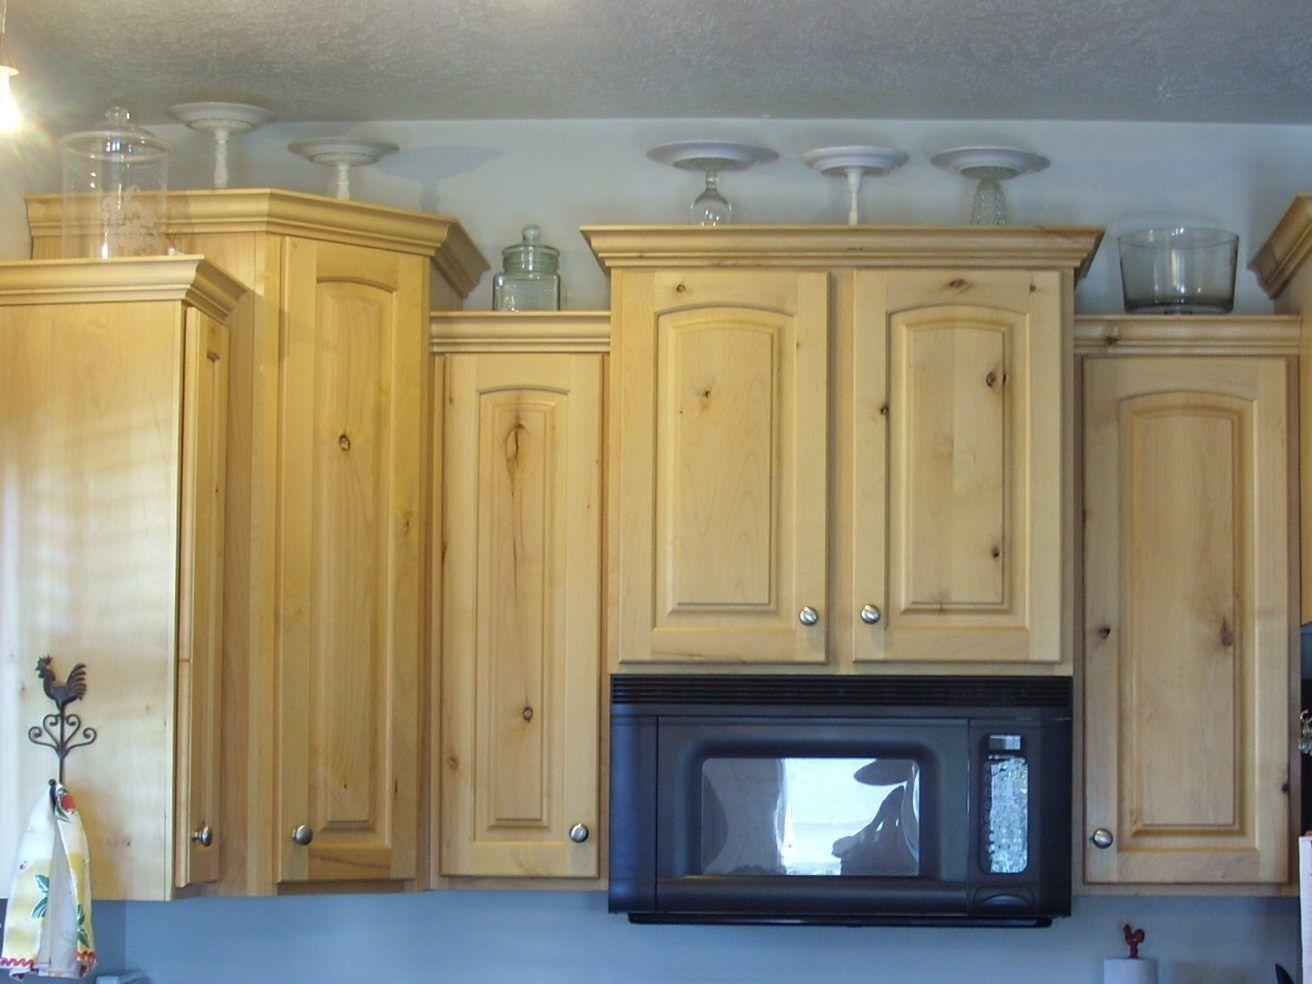 Tolle Deko Ideen für Küchenschränke Oben | Einbauküche ...